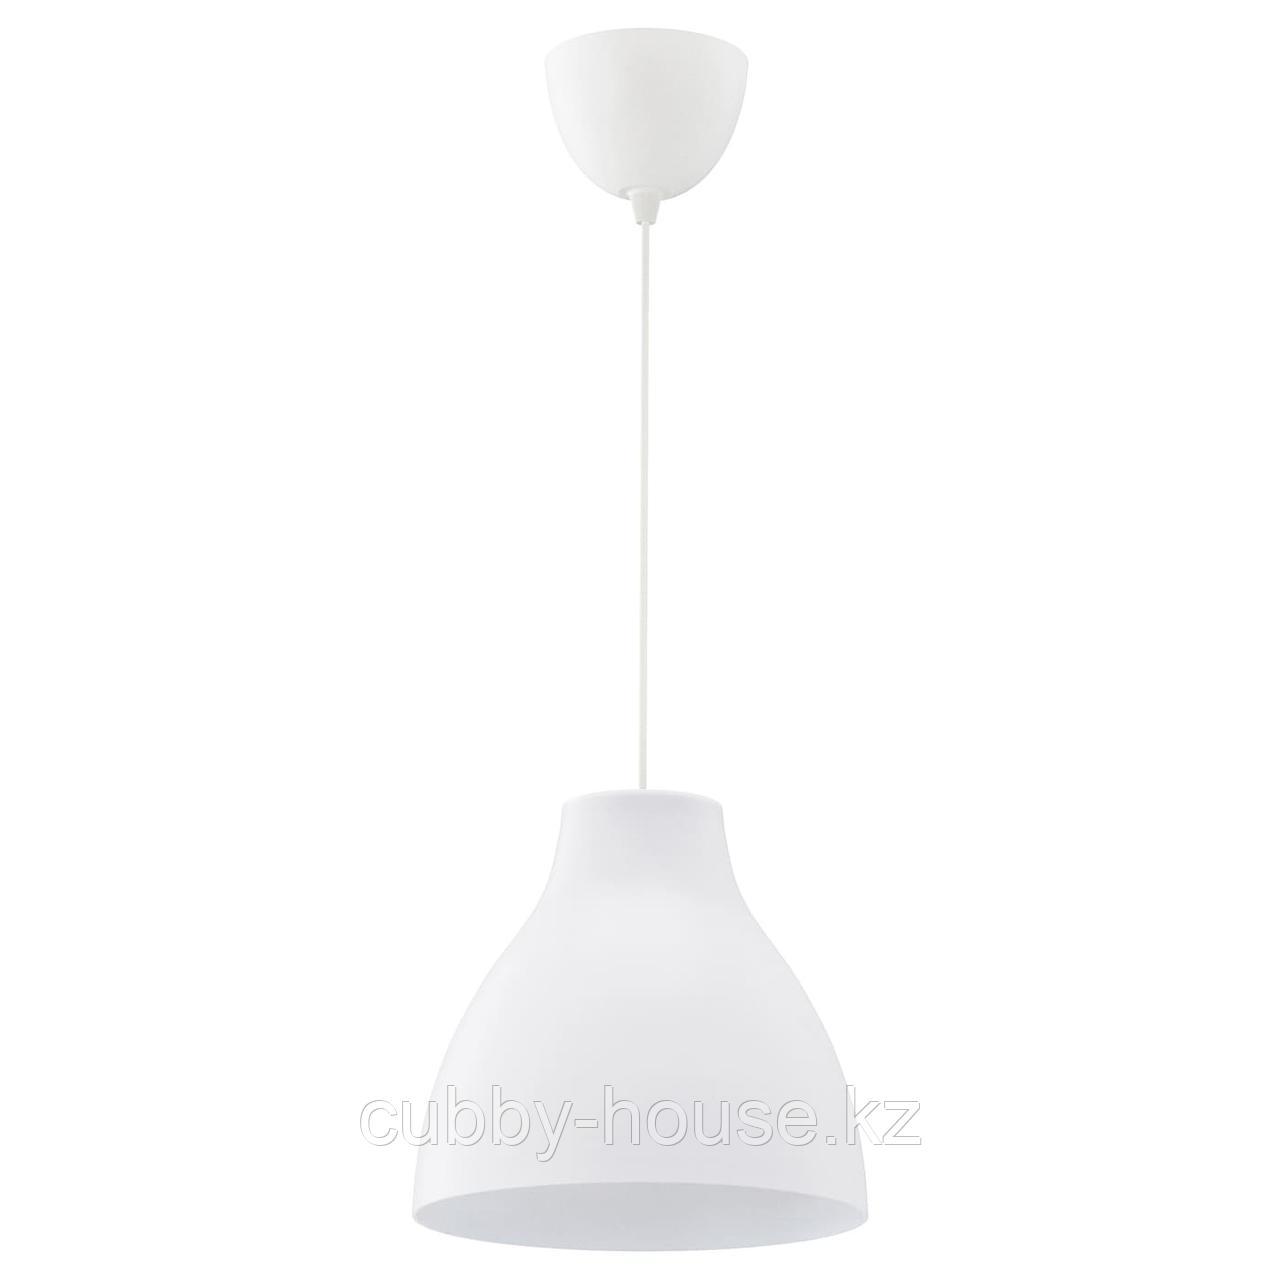 МЕЛОДИ Подвесной светильник, белый, 28 см